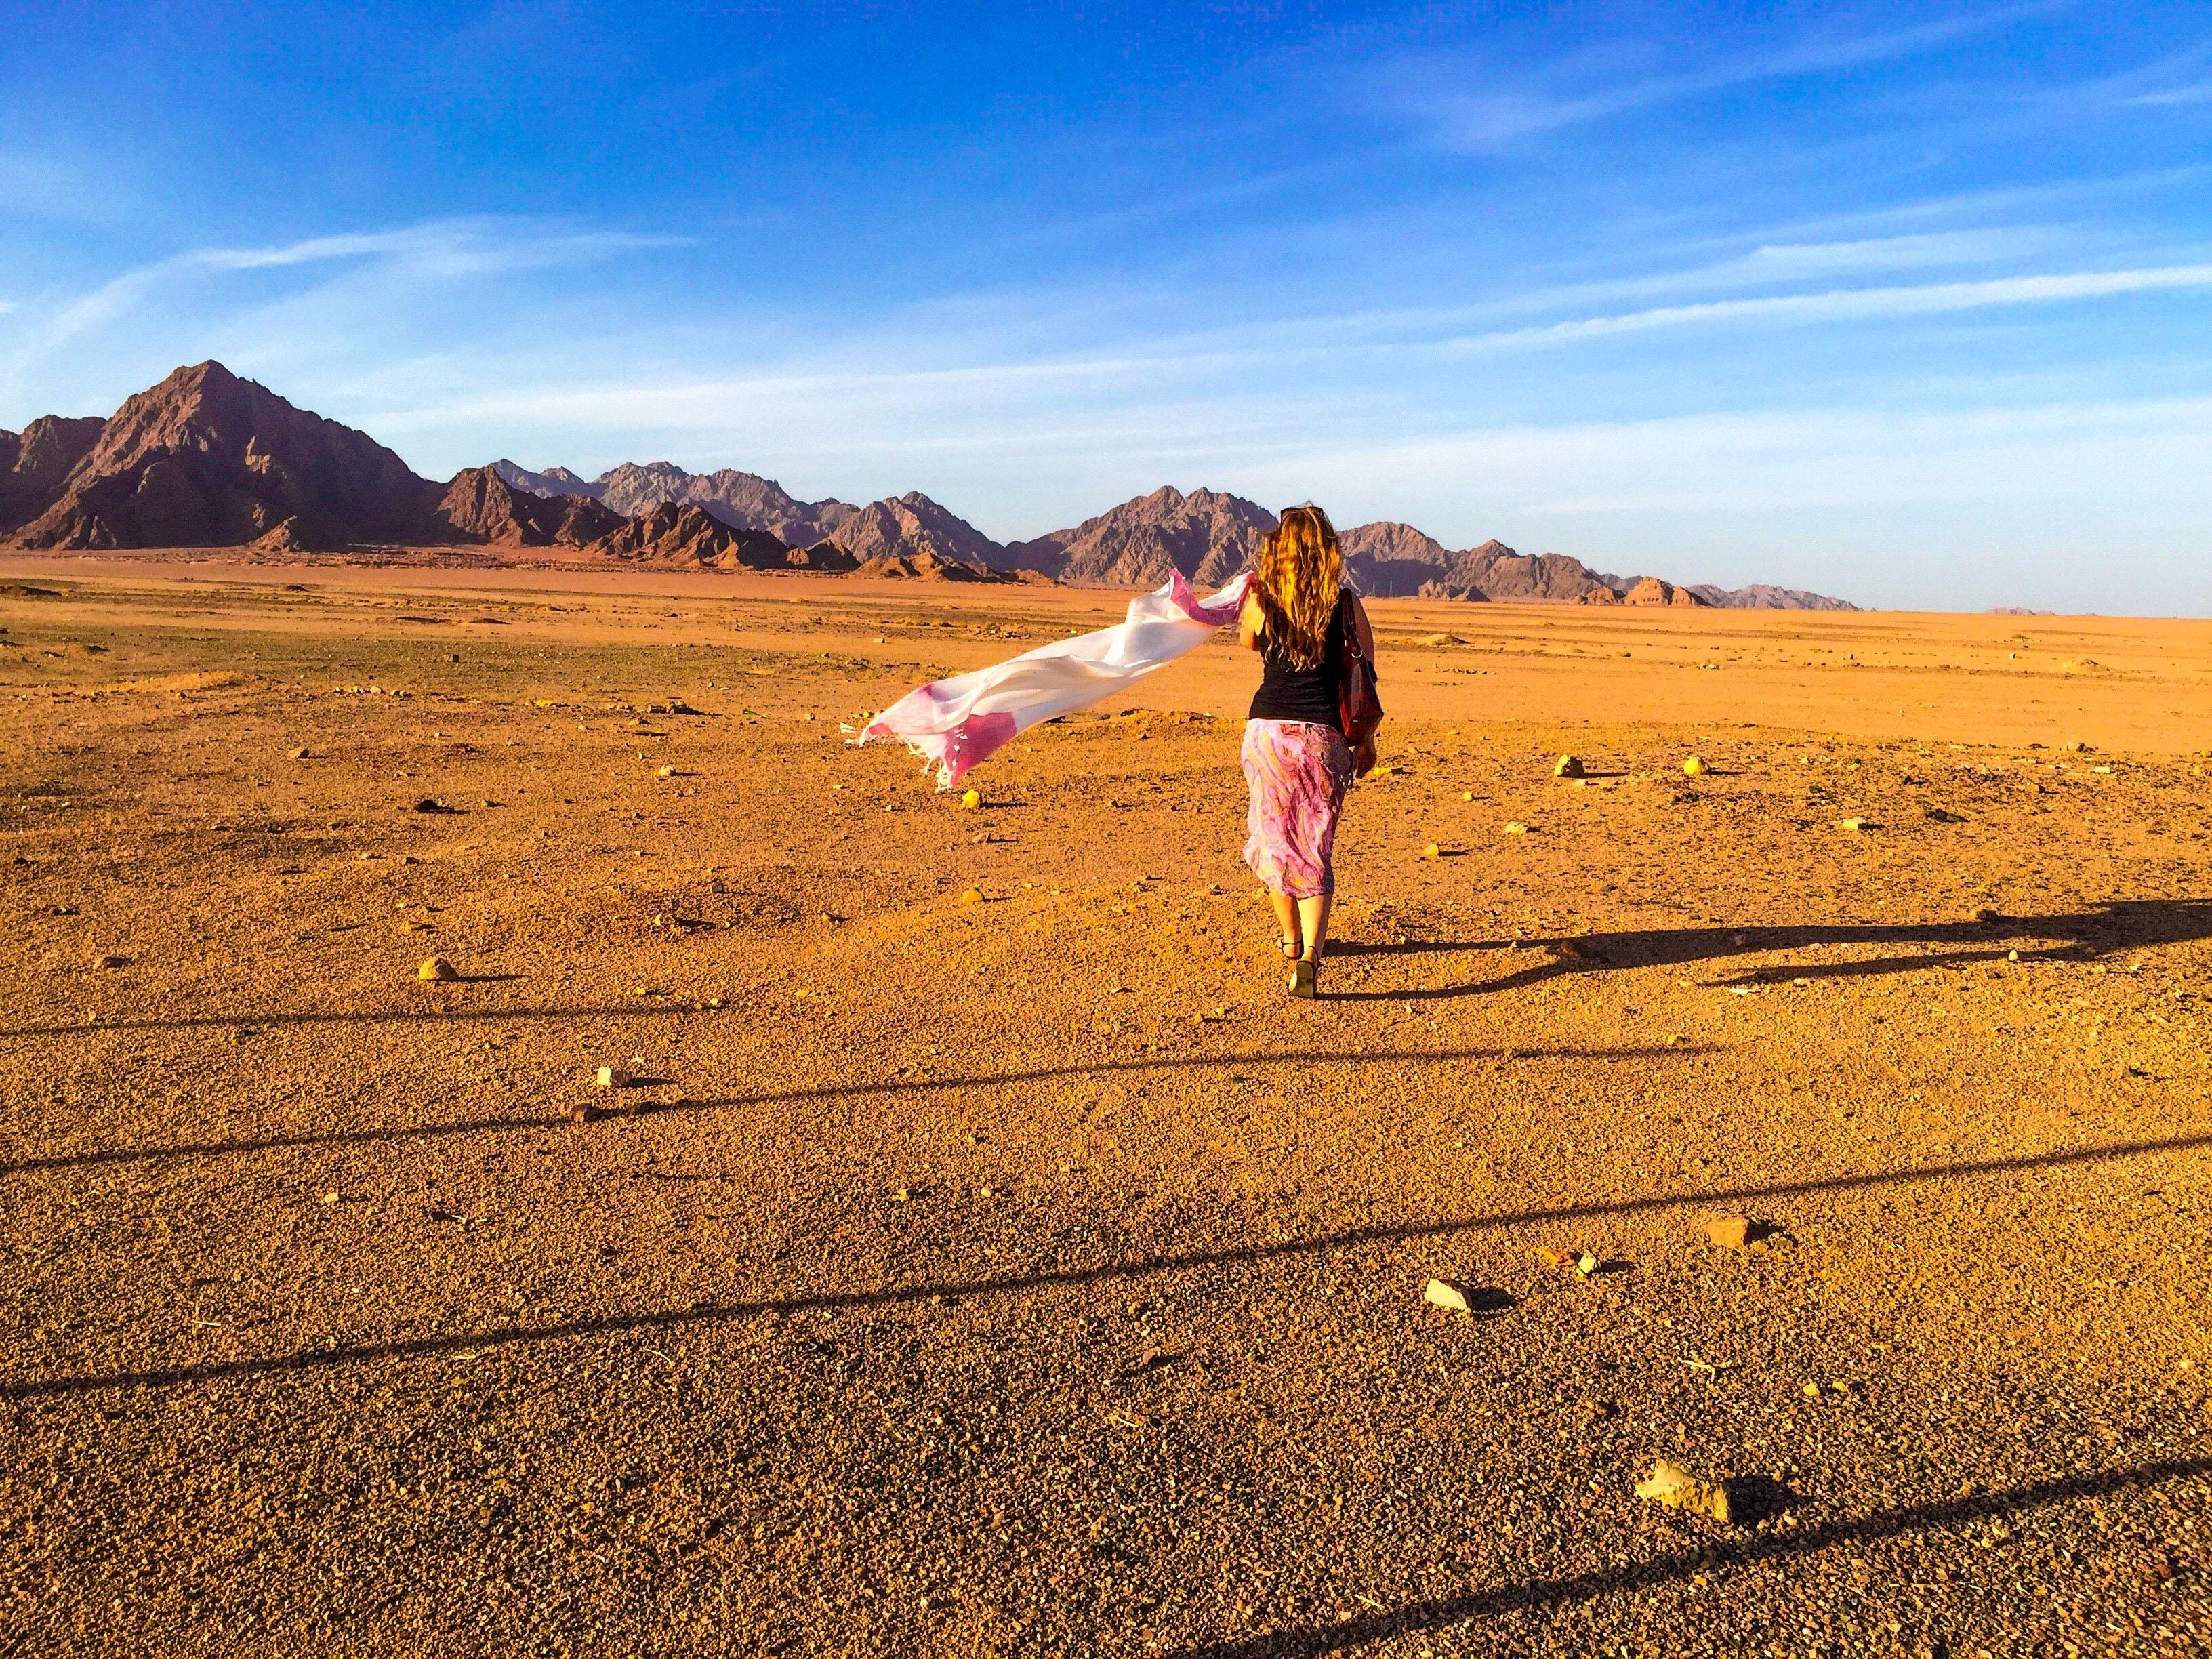 rebecca_sinai-gebirge_aegypten